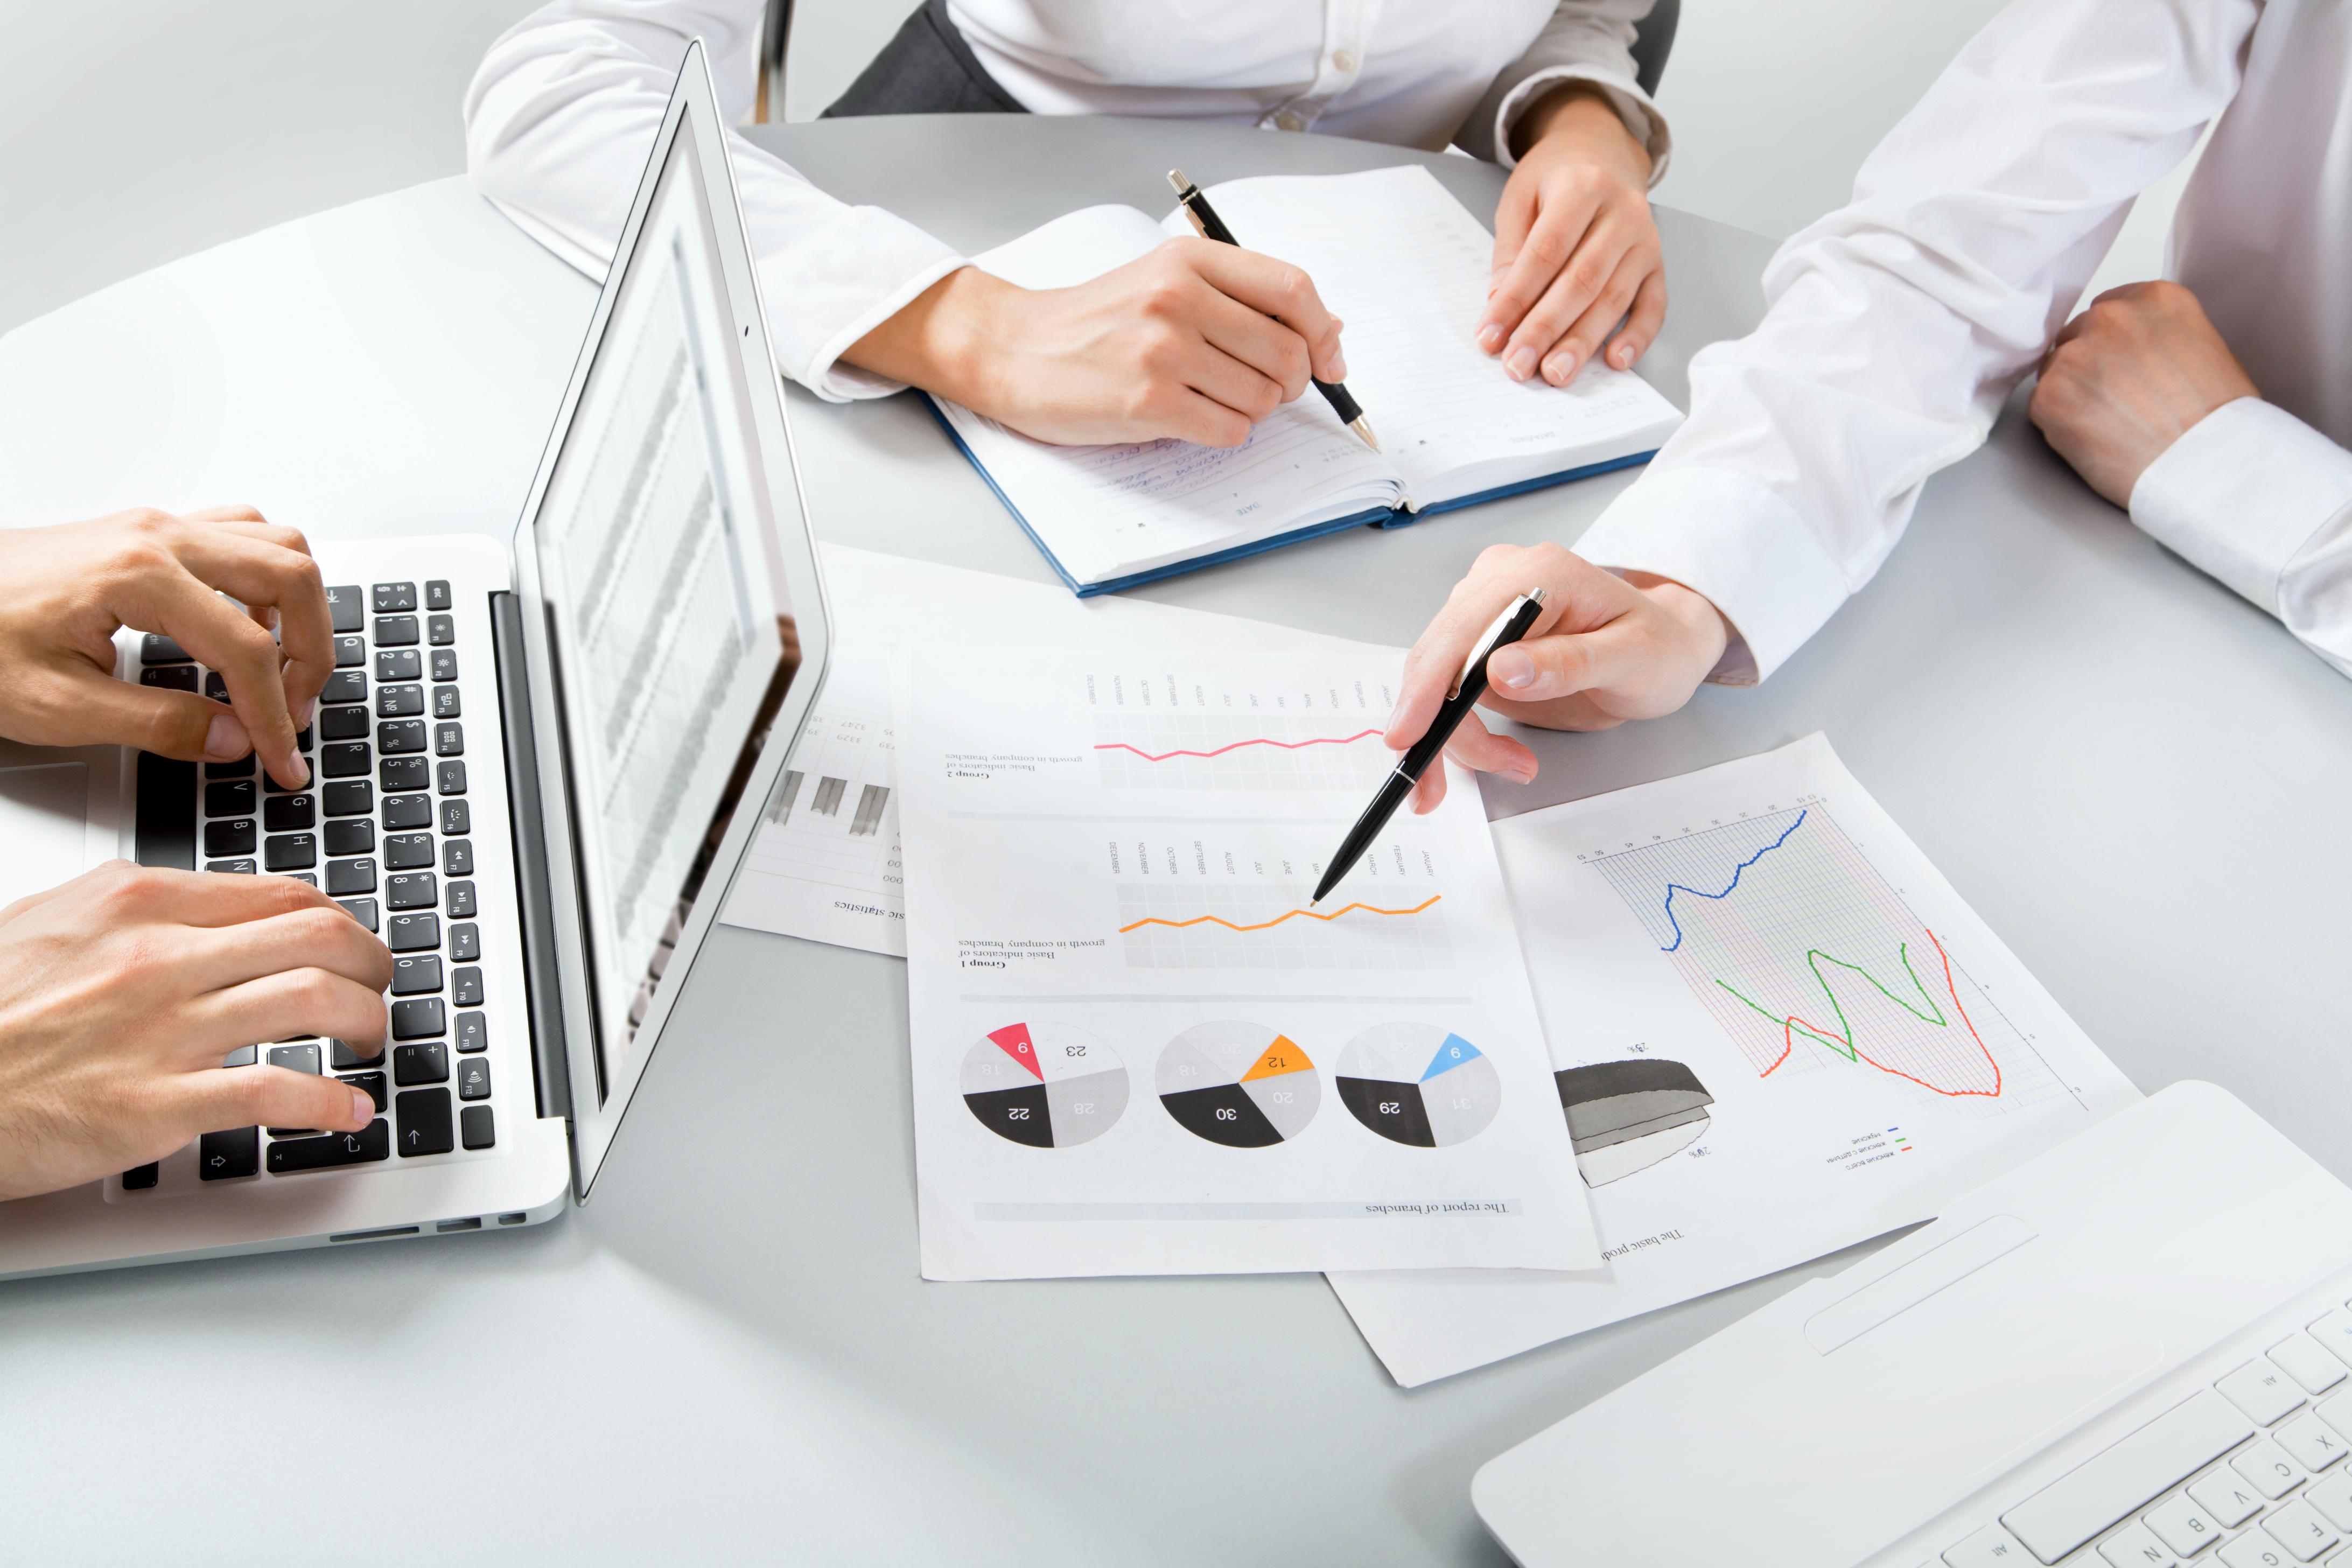 关于管理会计师(初级)专业能力认证项目  2019年第二次考试工作相关事项的通